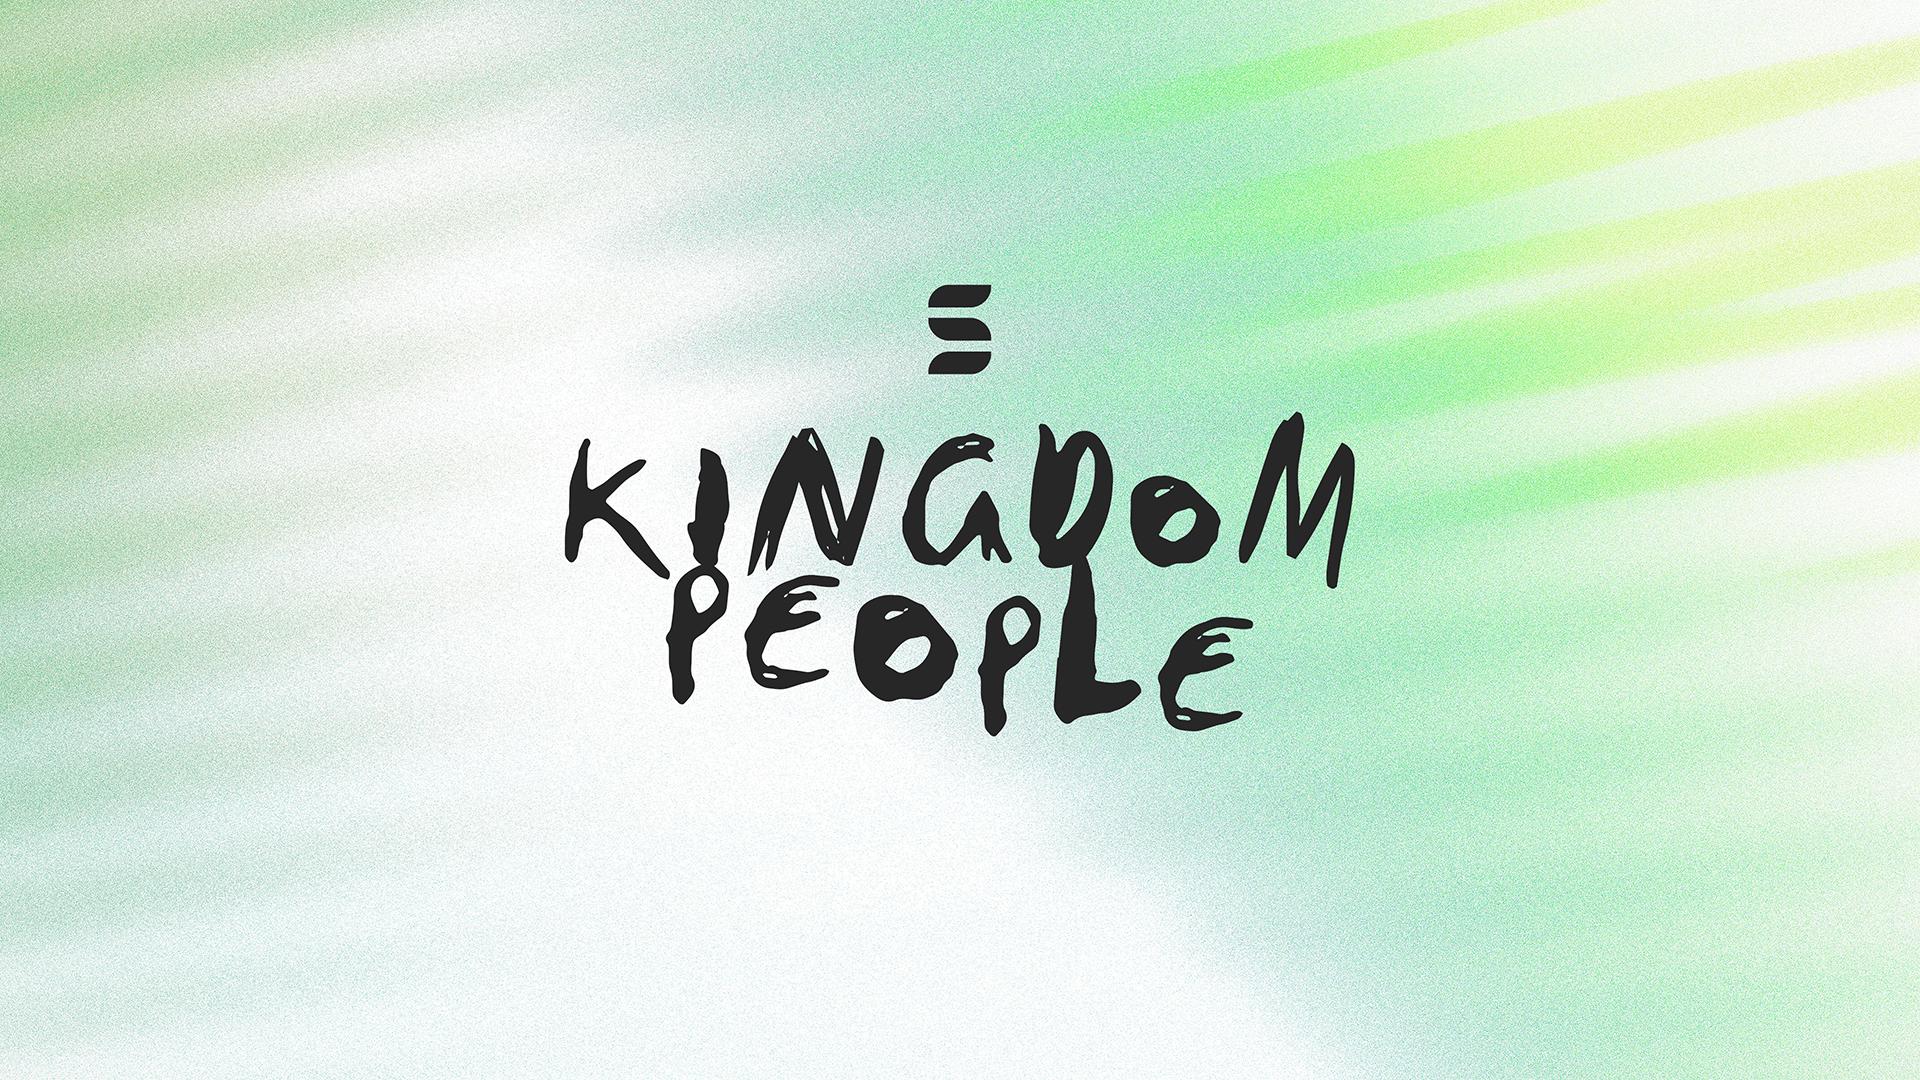 Kingdom People (JPG)